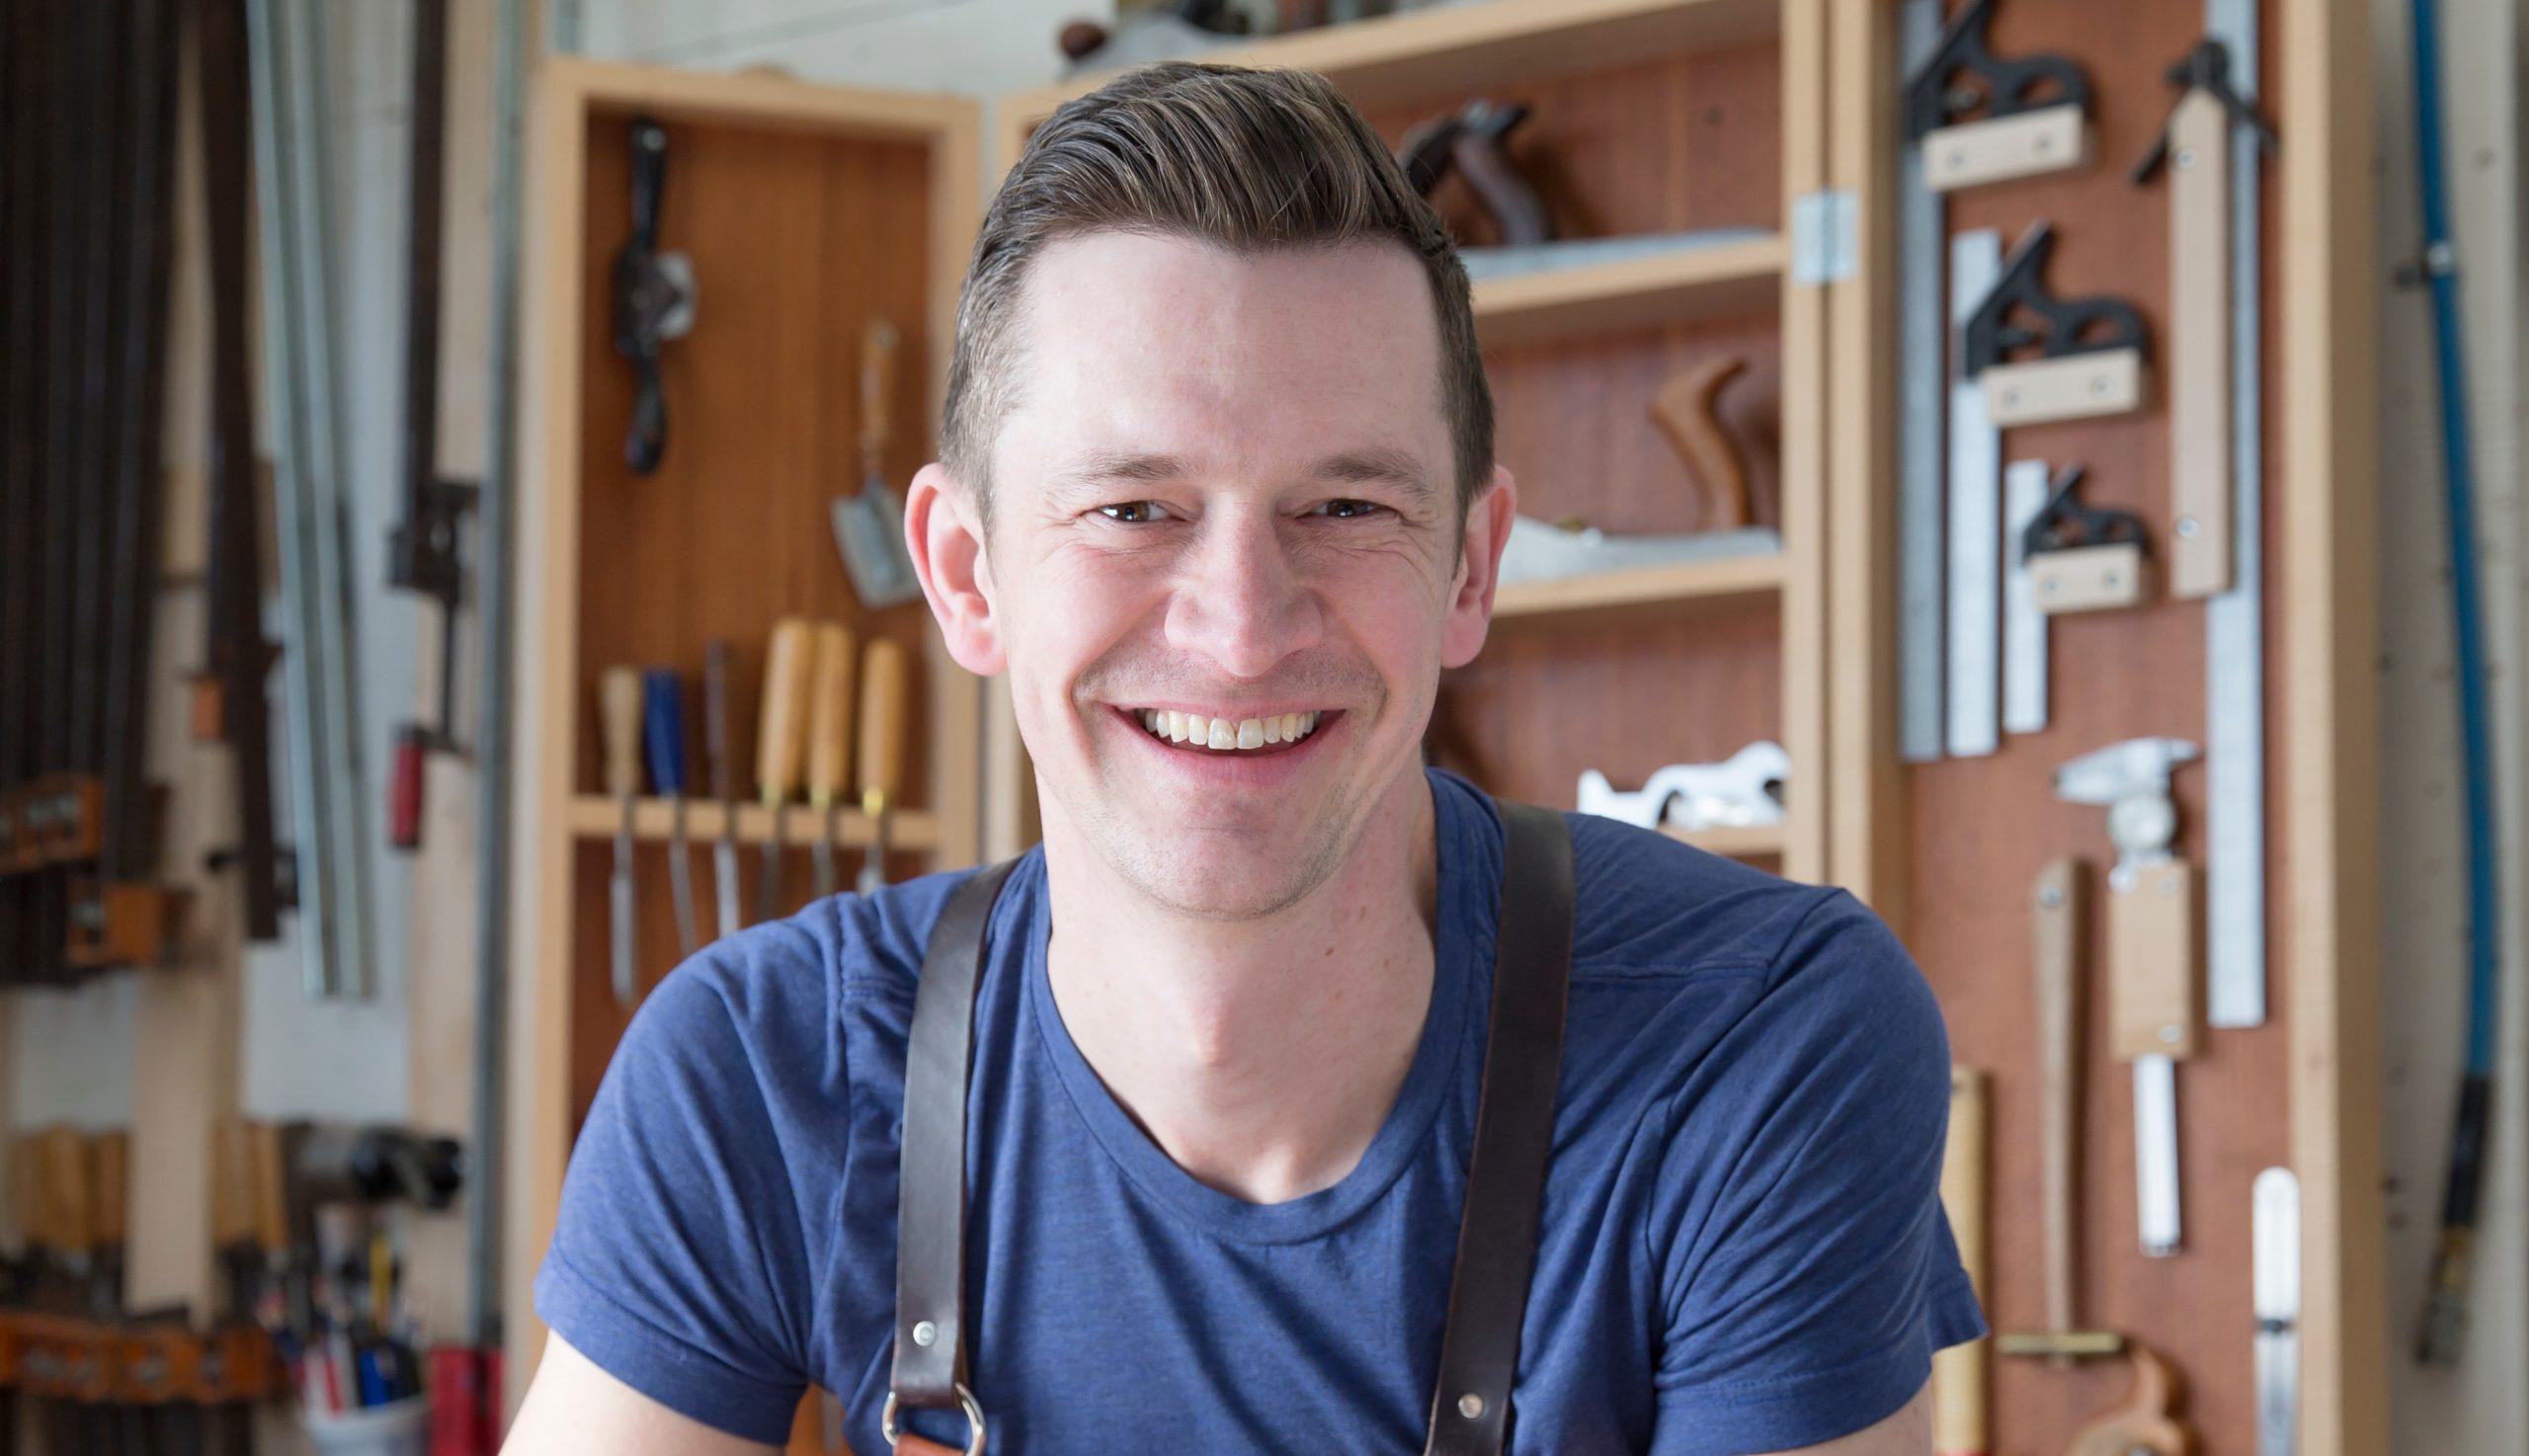 Jonathan Brower